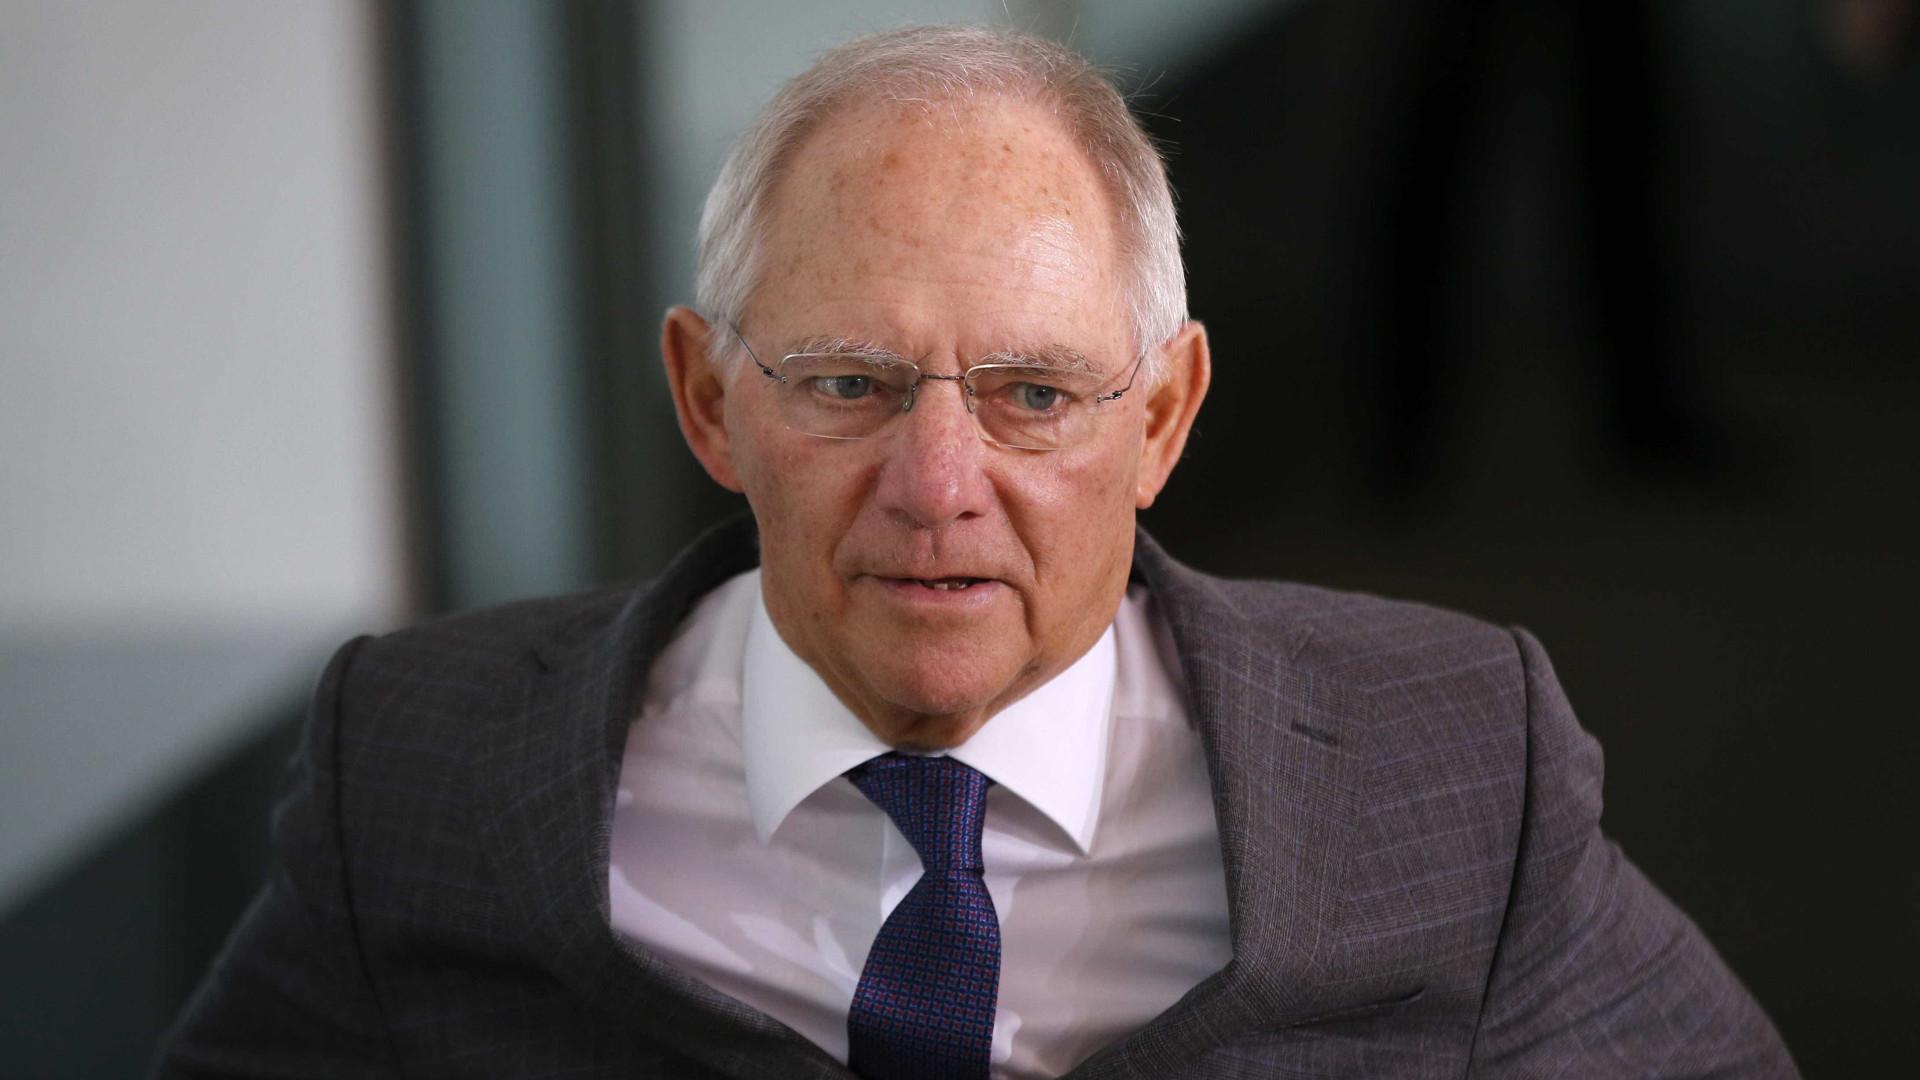 Schaeuble vai ser presidente do parlamento alemão